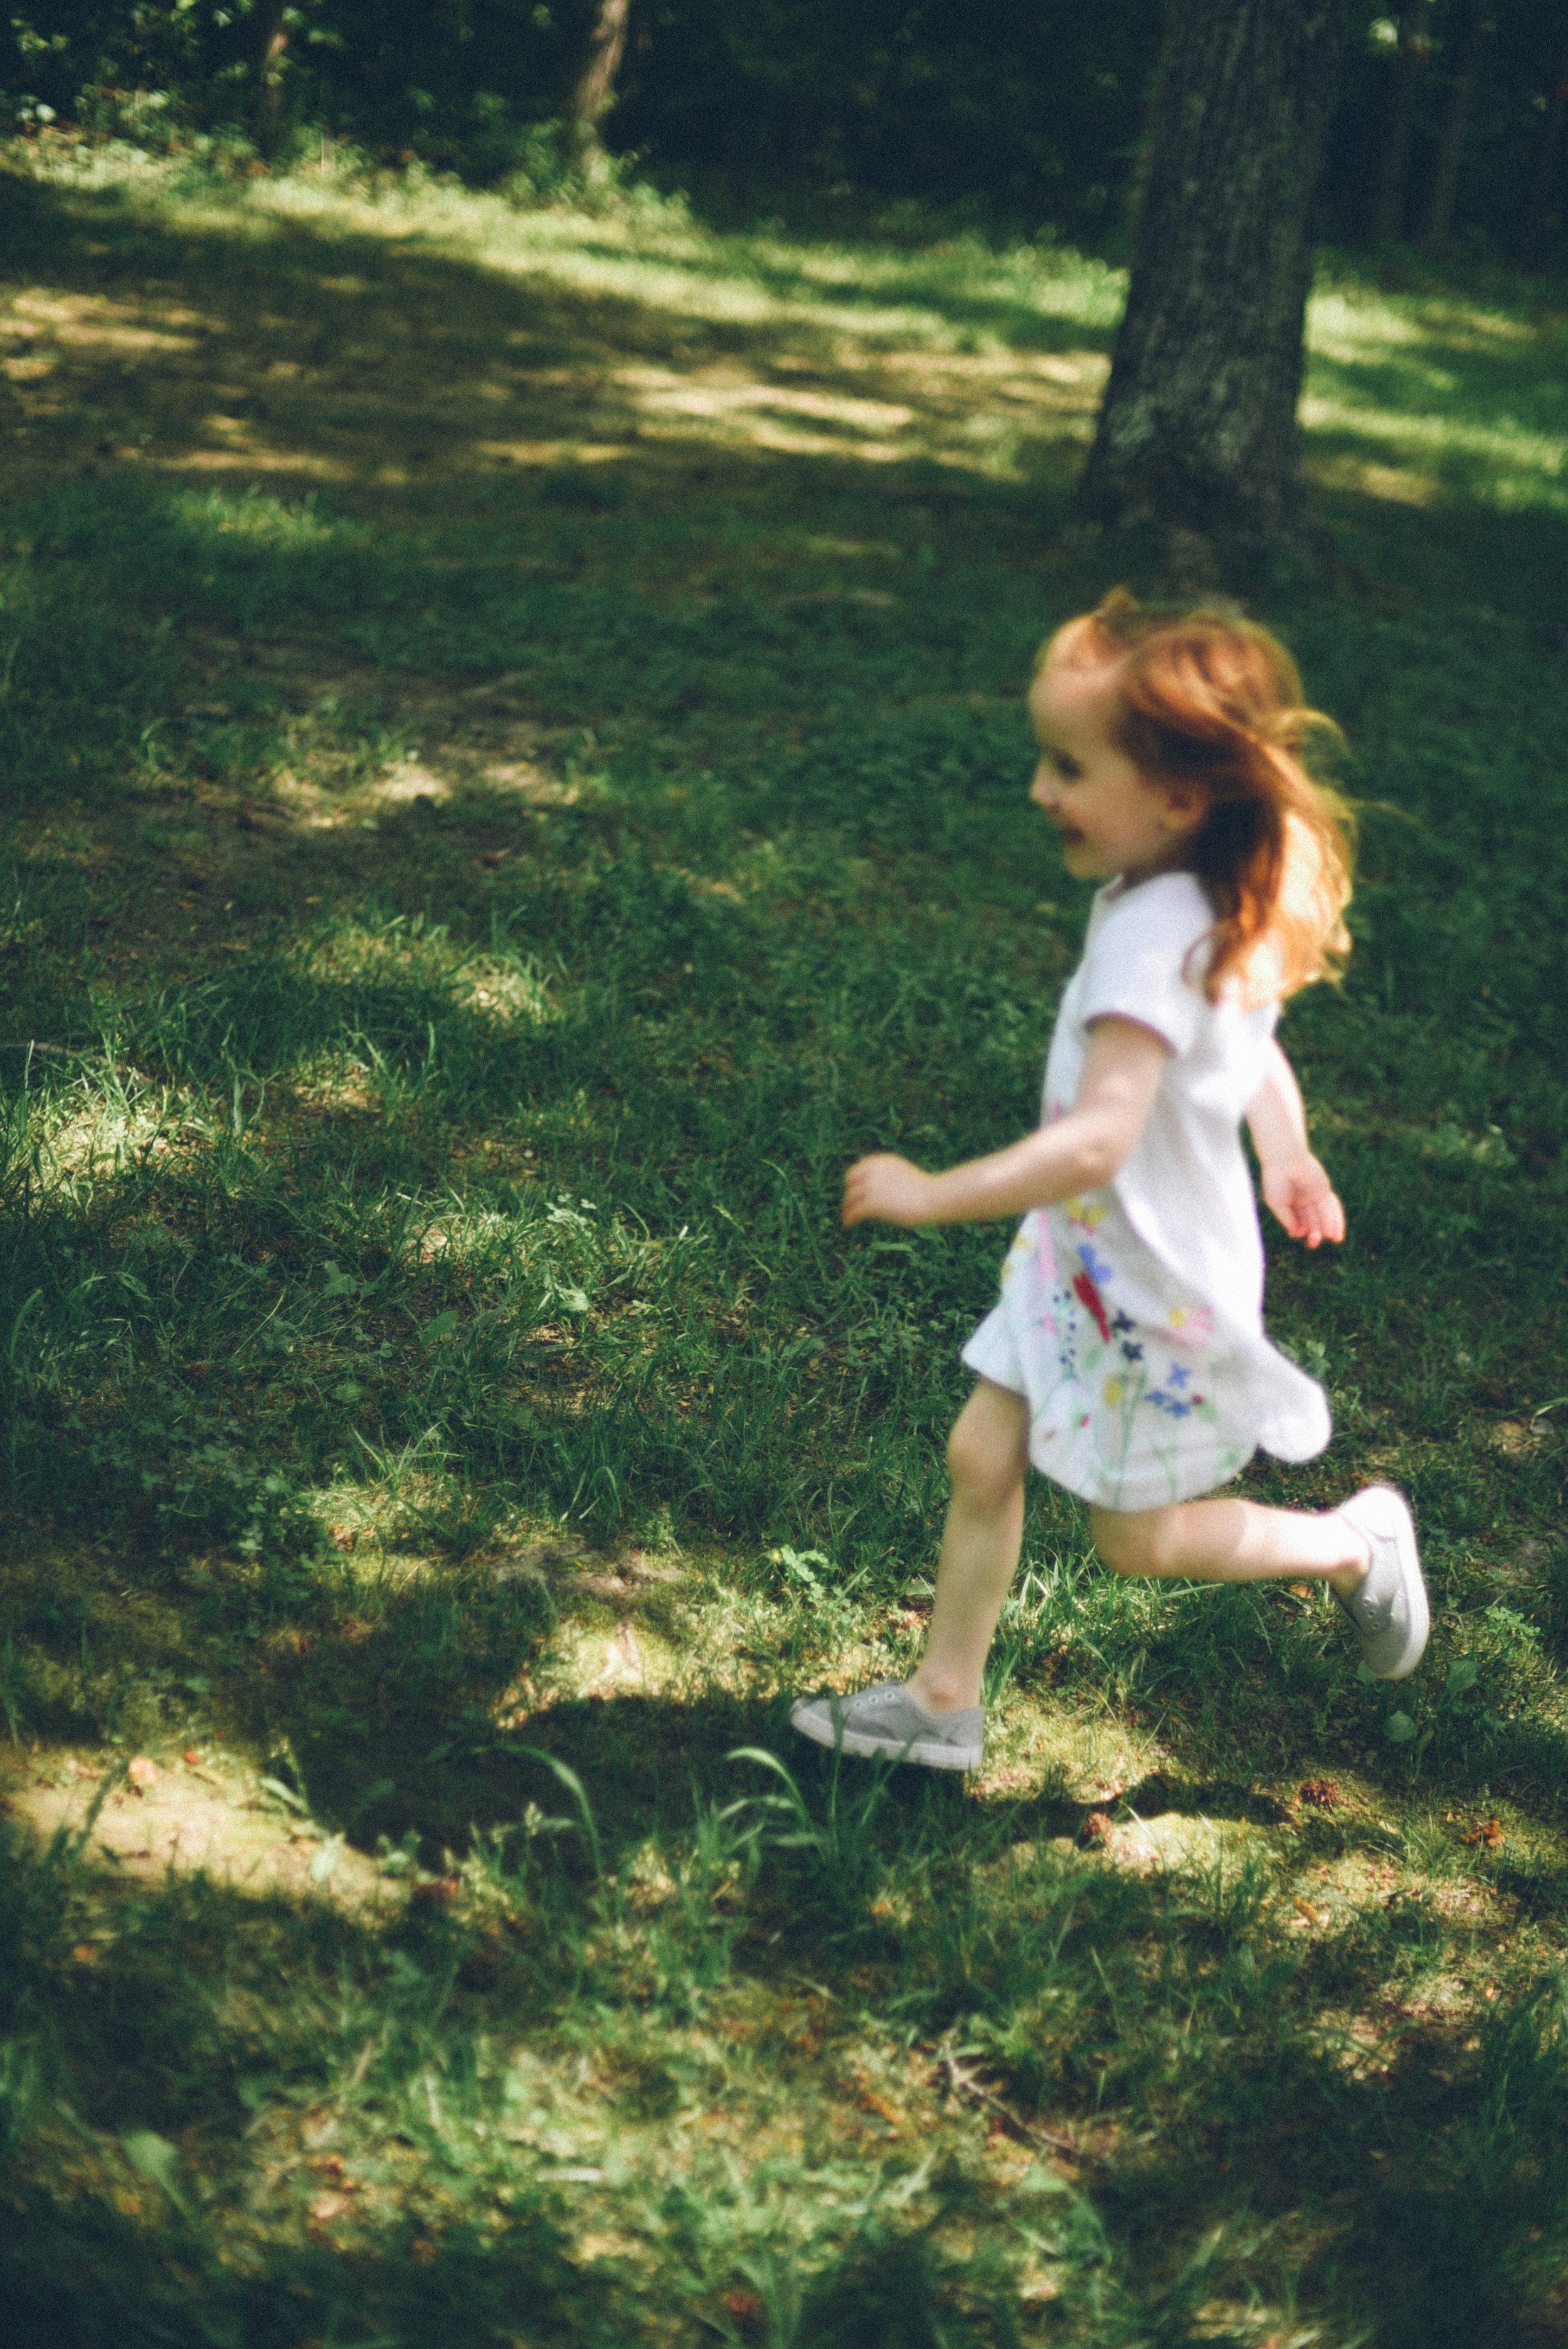 anne-marie-gardens-one-year-photos embrace the blur.jpg